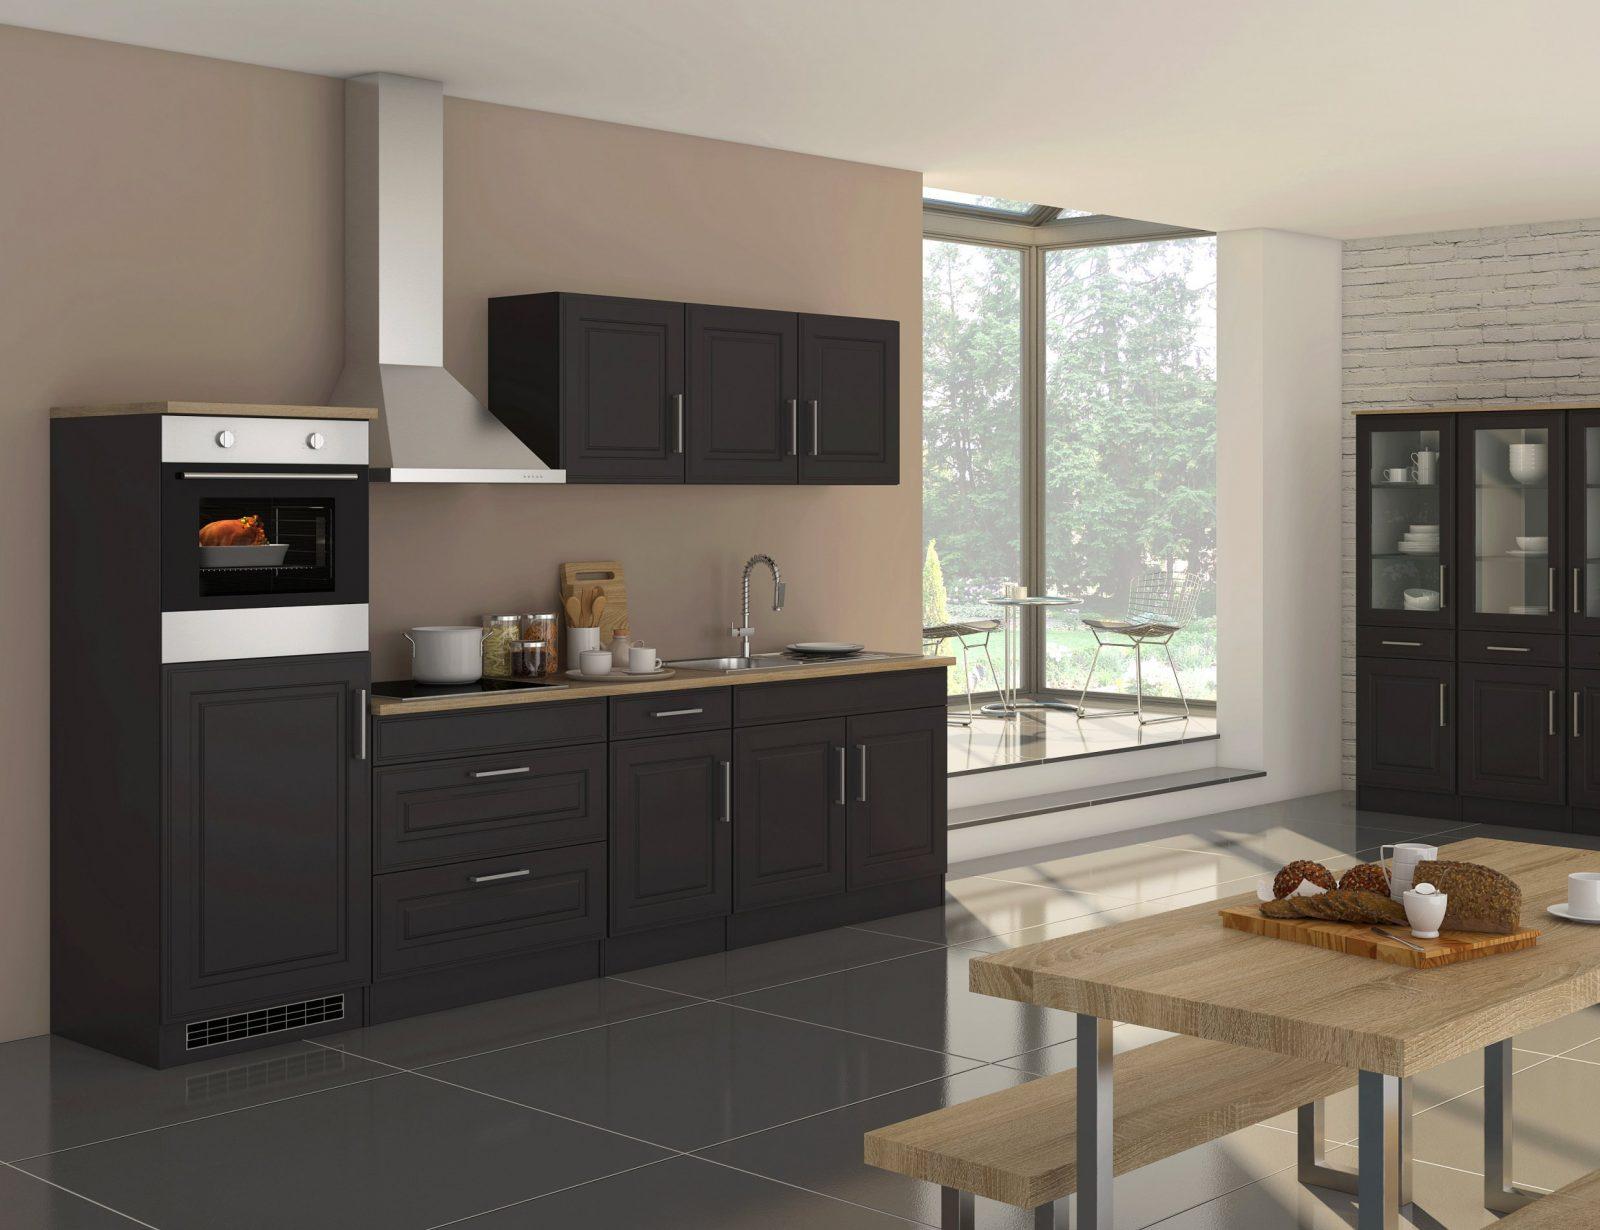 Küchenzeile Mit Elektrogeräten Günstig Kaufen von Küchenzeile Mit Elektrogeräten Ohne Kühlschrank Photo